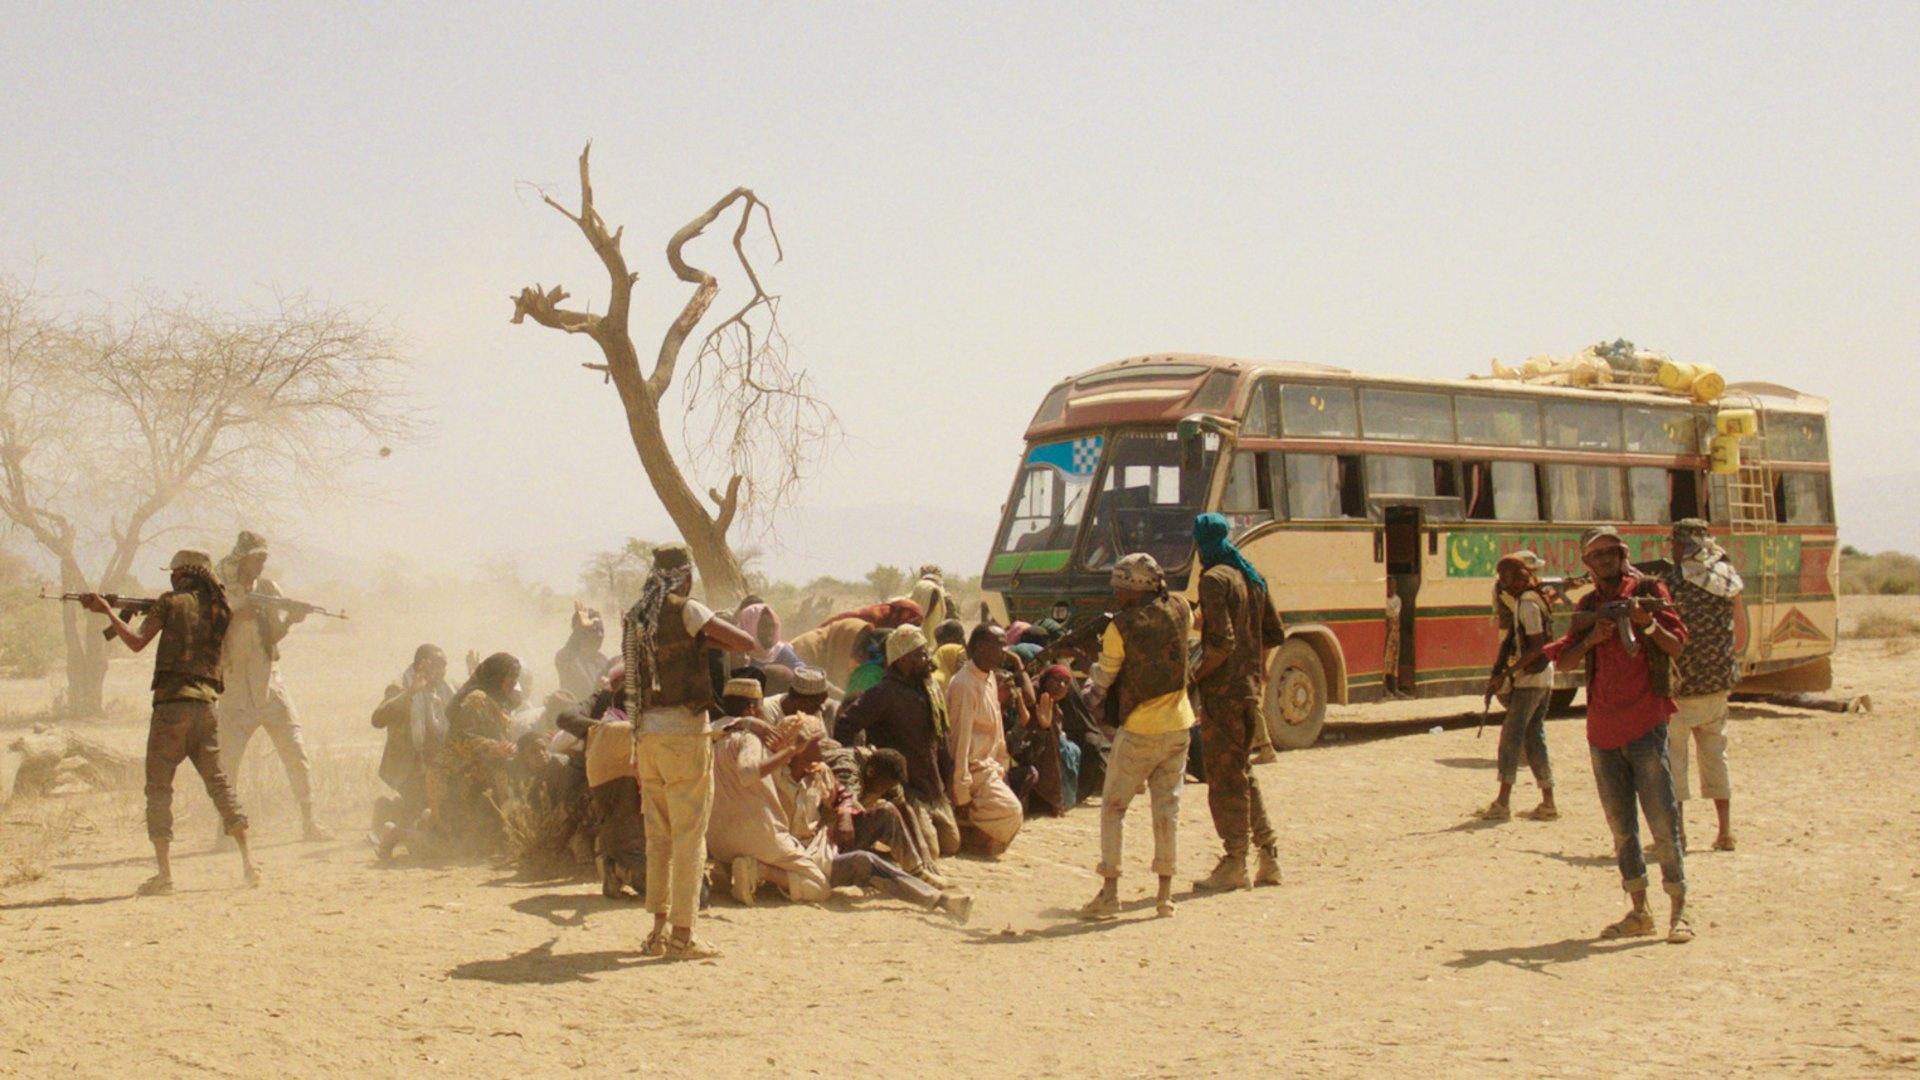 grupa terrorystów celuje bronią w zakładników na tle autobusu